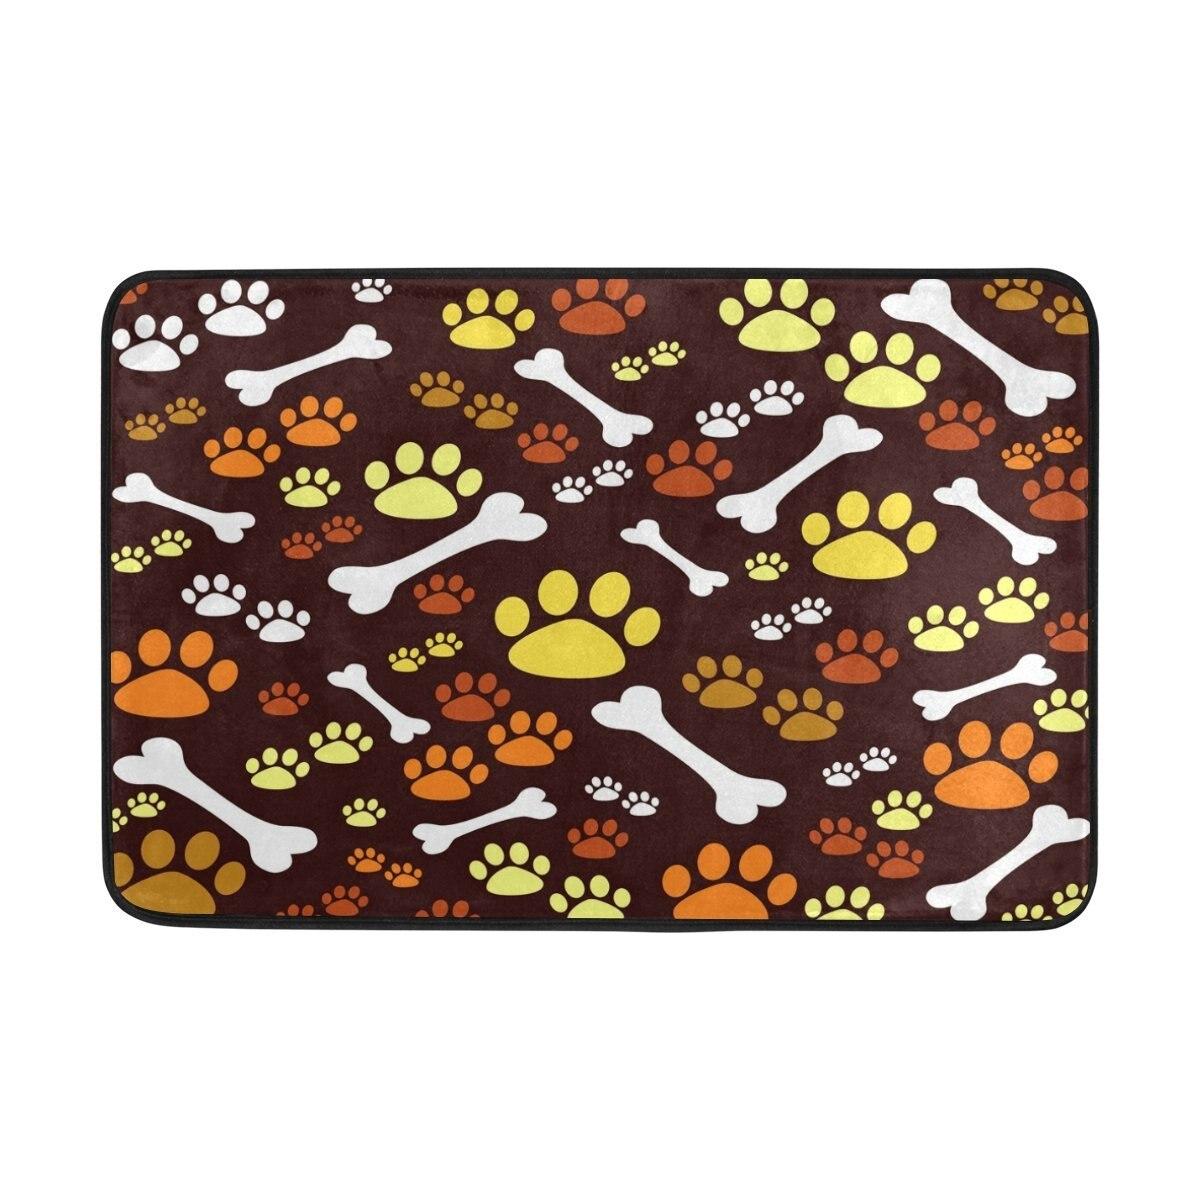 Perfect ZOEO Home Decor Non Slip Funny Dog Paw Print Doormat Floor Door Mat Indoor  Outerdoor Bathroom 23.6 X 15.7 Inch In Mat From Home U0026 Garden On  Aliexpress.com ...